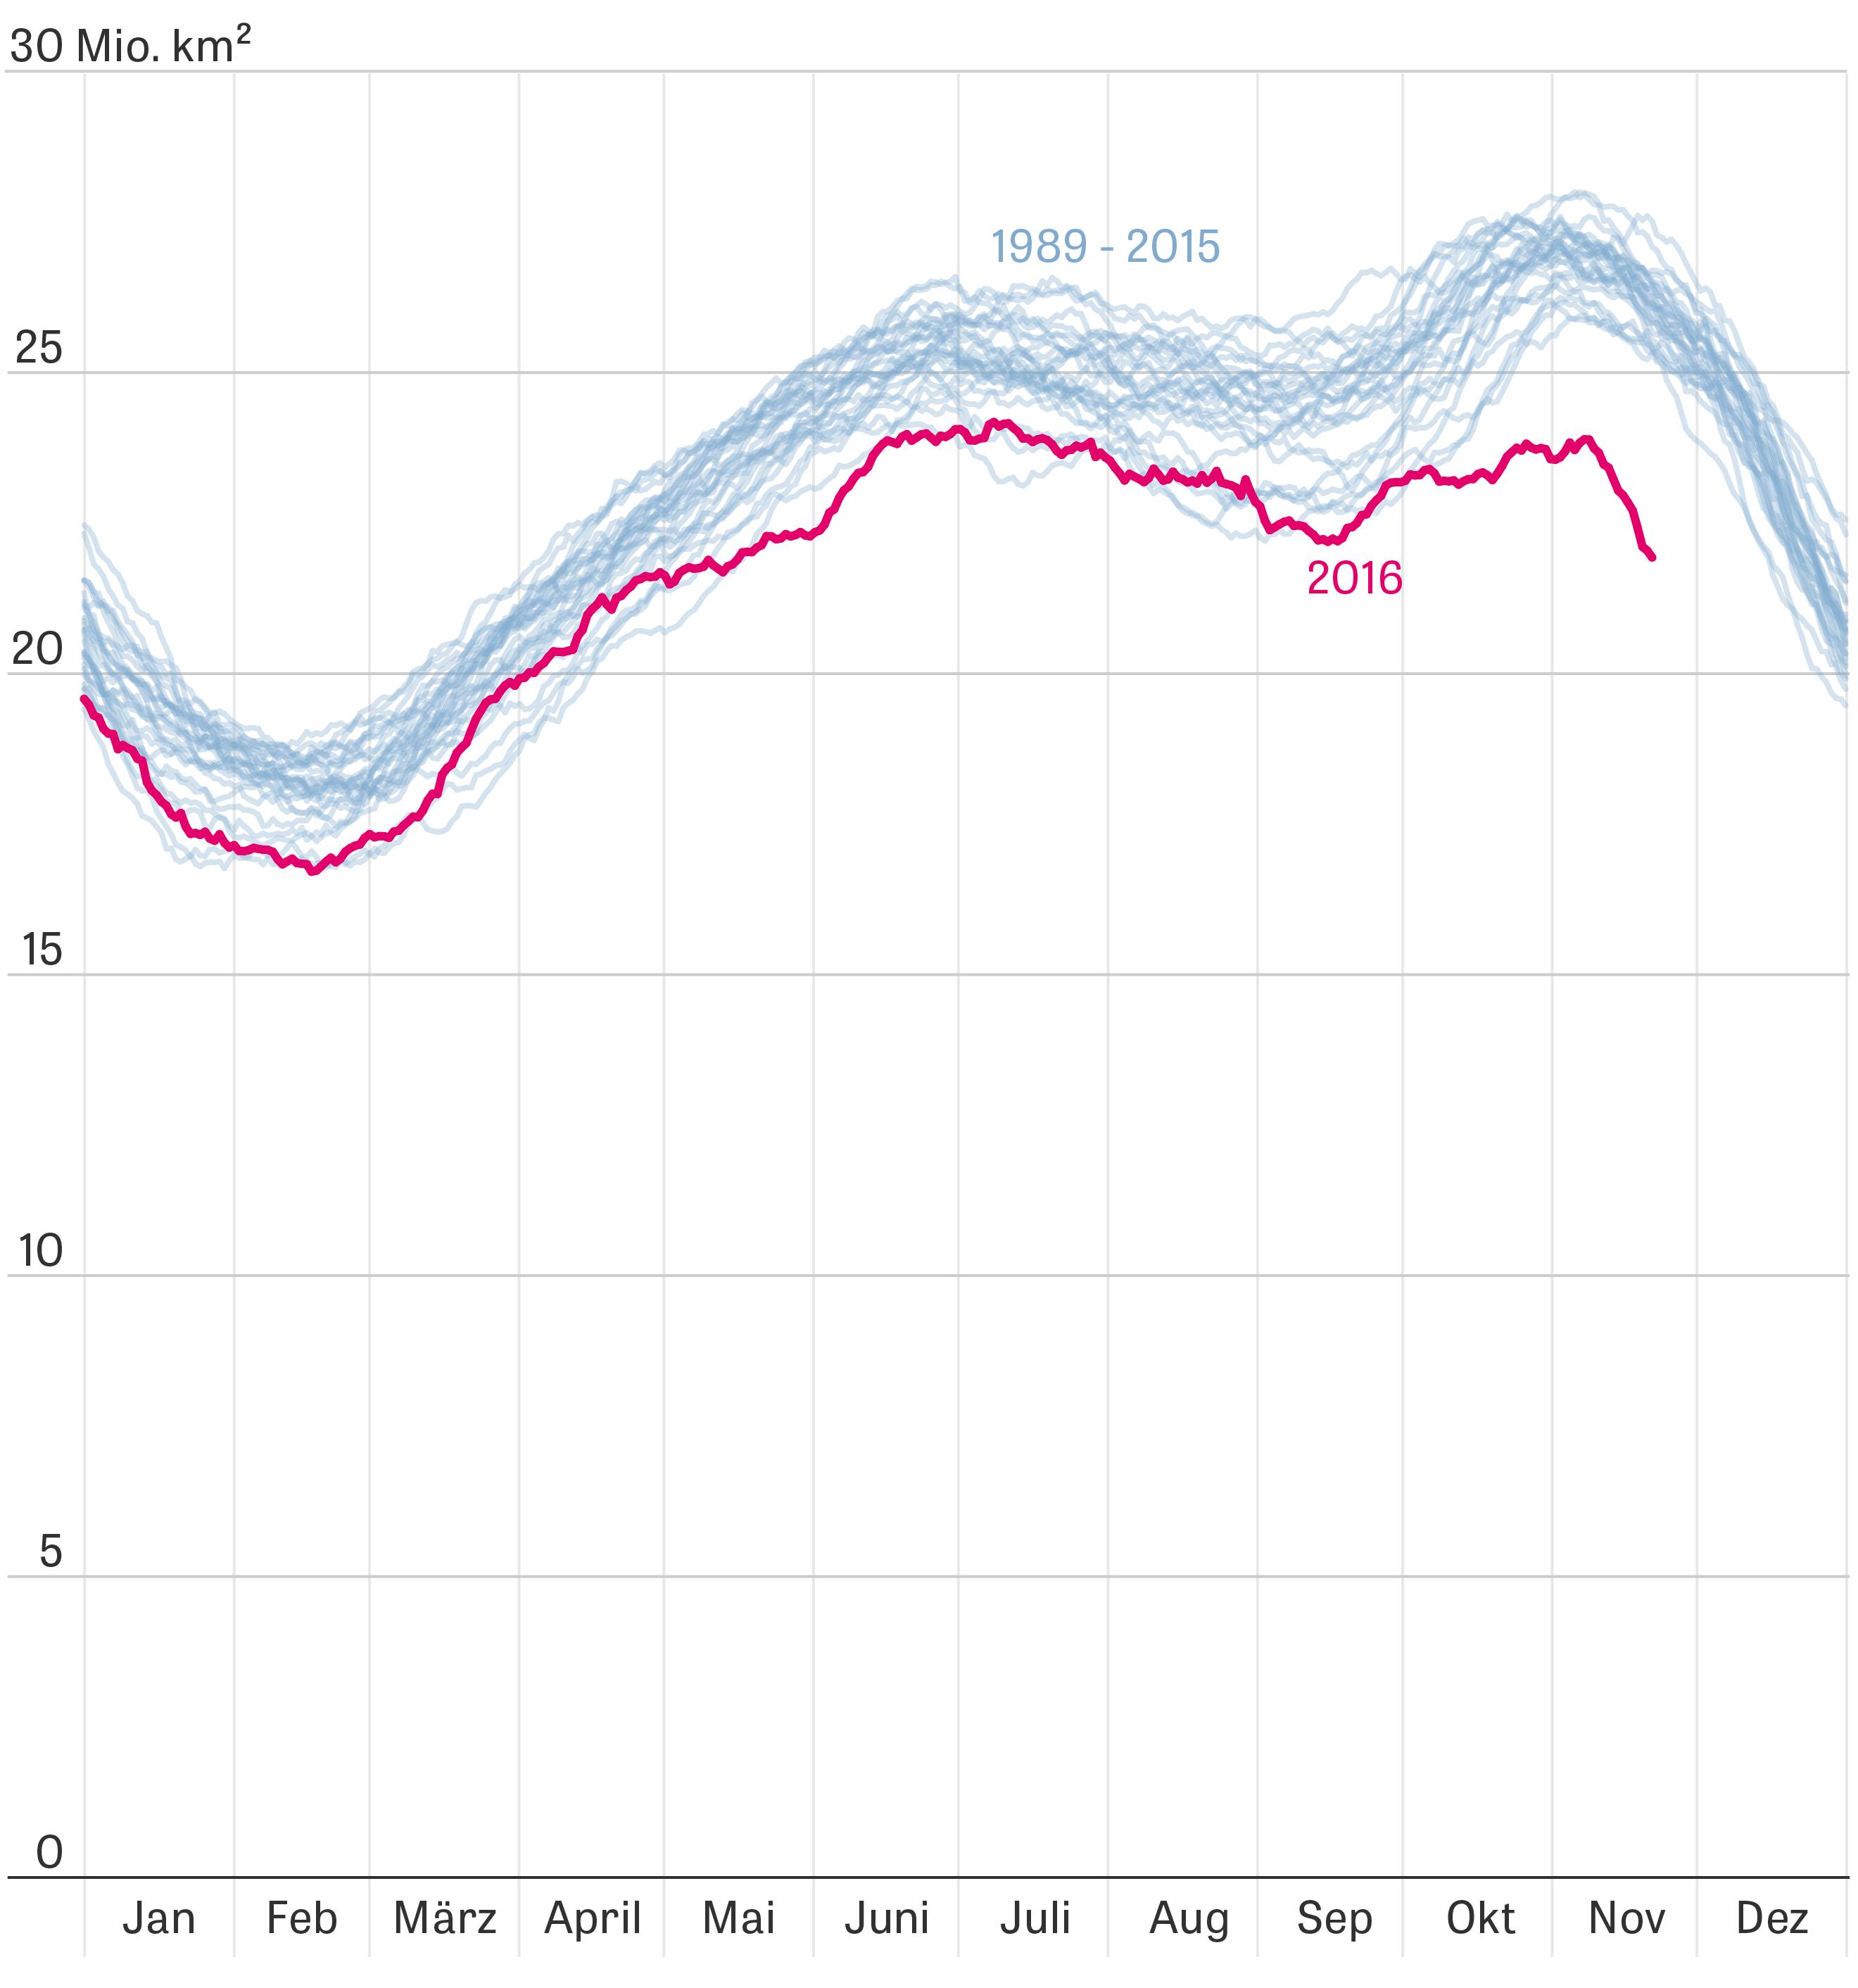 Klimawandel: Die Kurve zeichnet nach, wie viel Fläche der Erde an Nord- und Südpol im Jahresverlauf mit Meereis bedeckt ist. In diesem Jahr hat sie dramatisch abgenommen, wie die rote Linie zeigt.